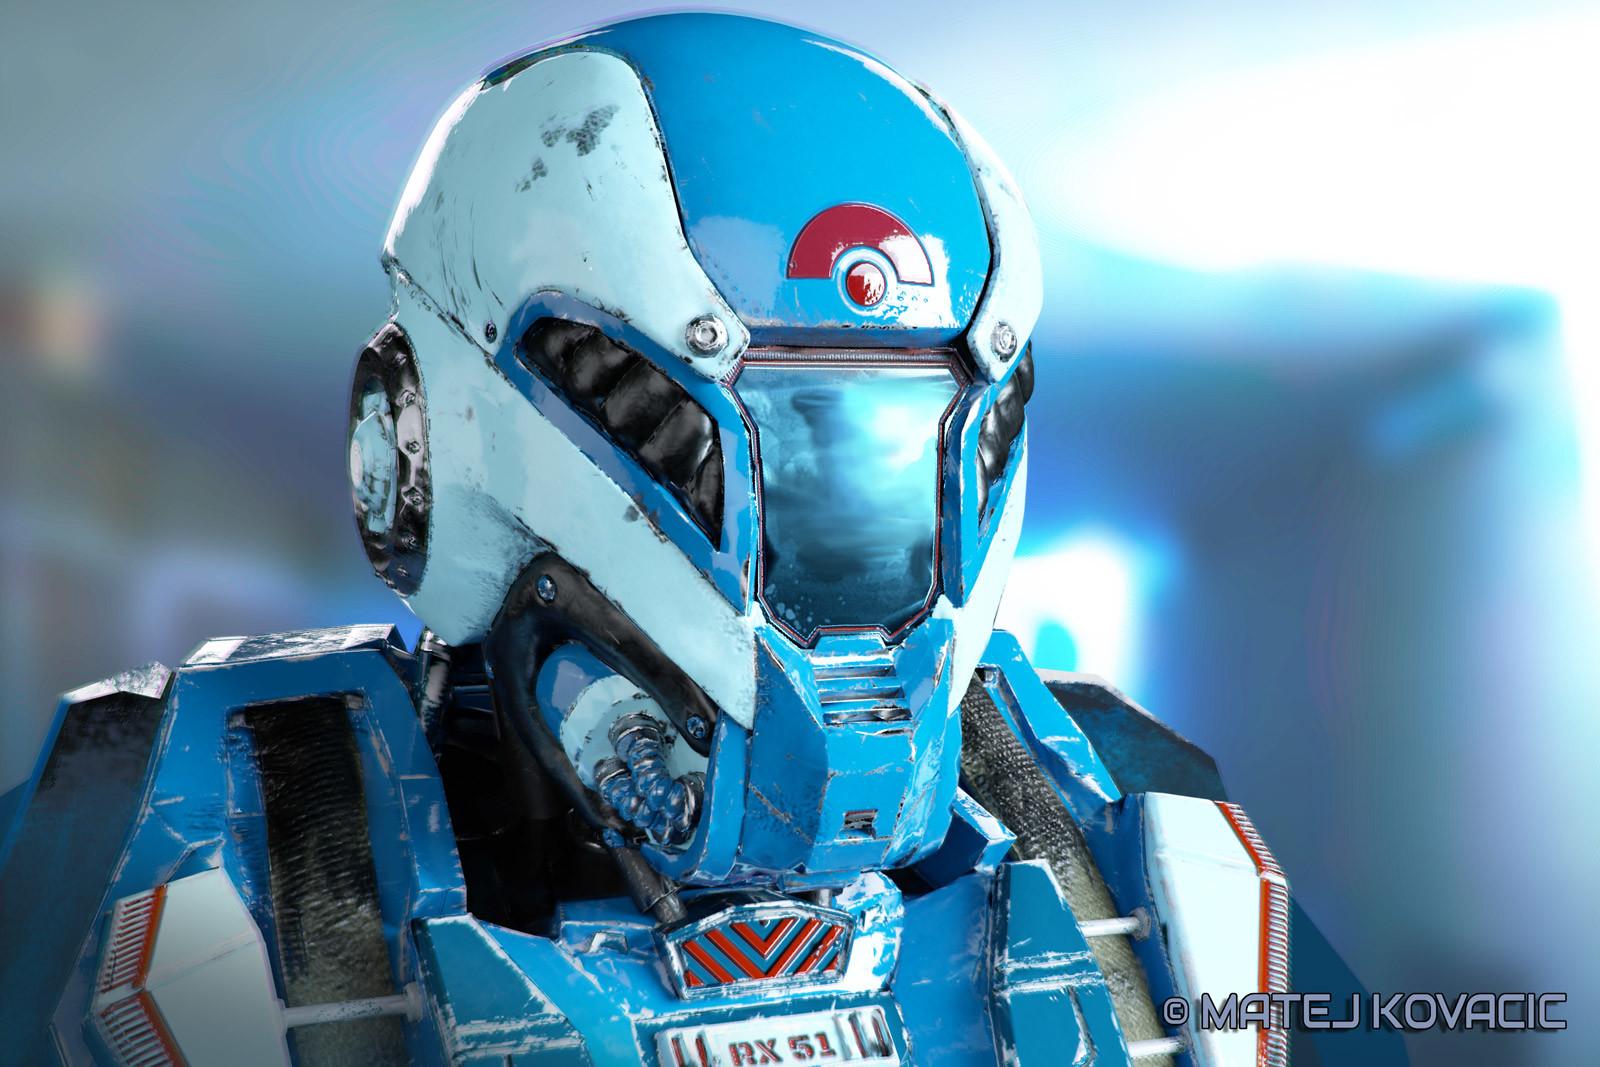 Matej kovacic sci fi helmet rx 51 by matej kovacic